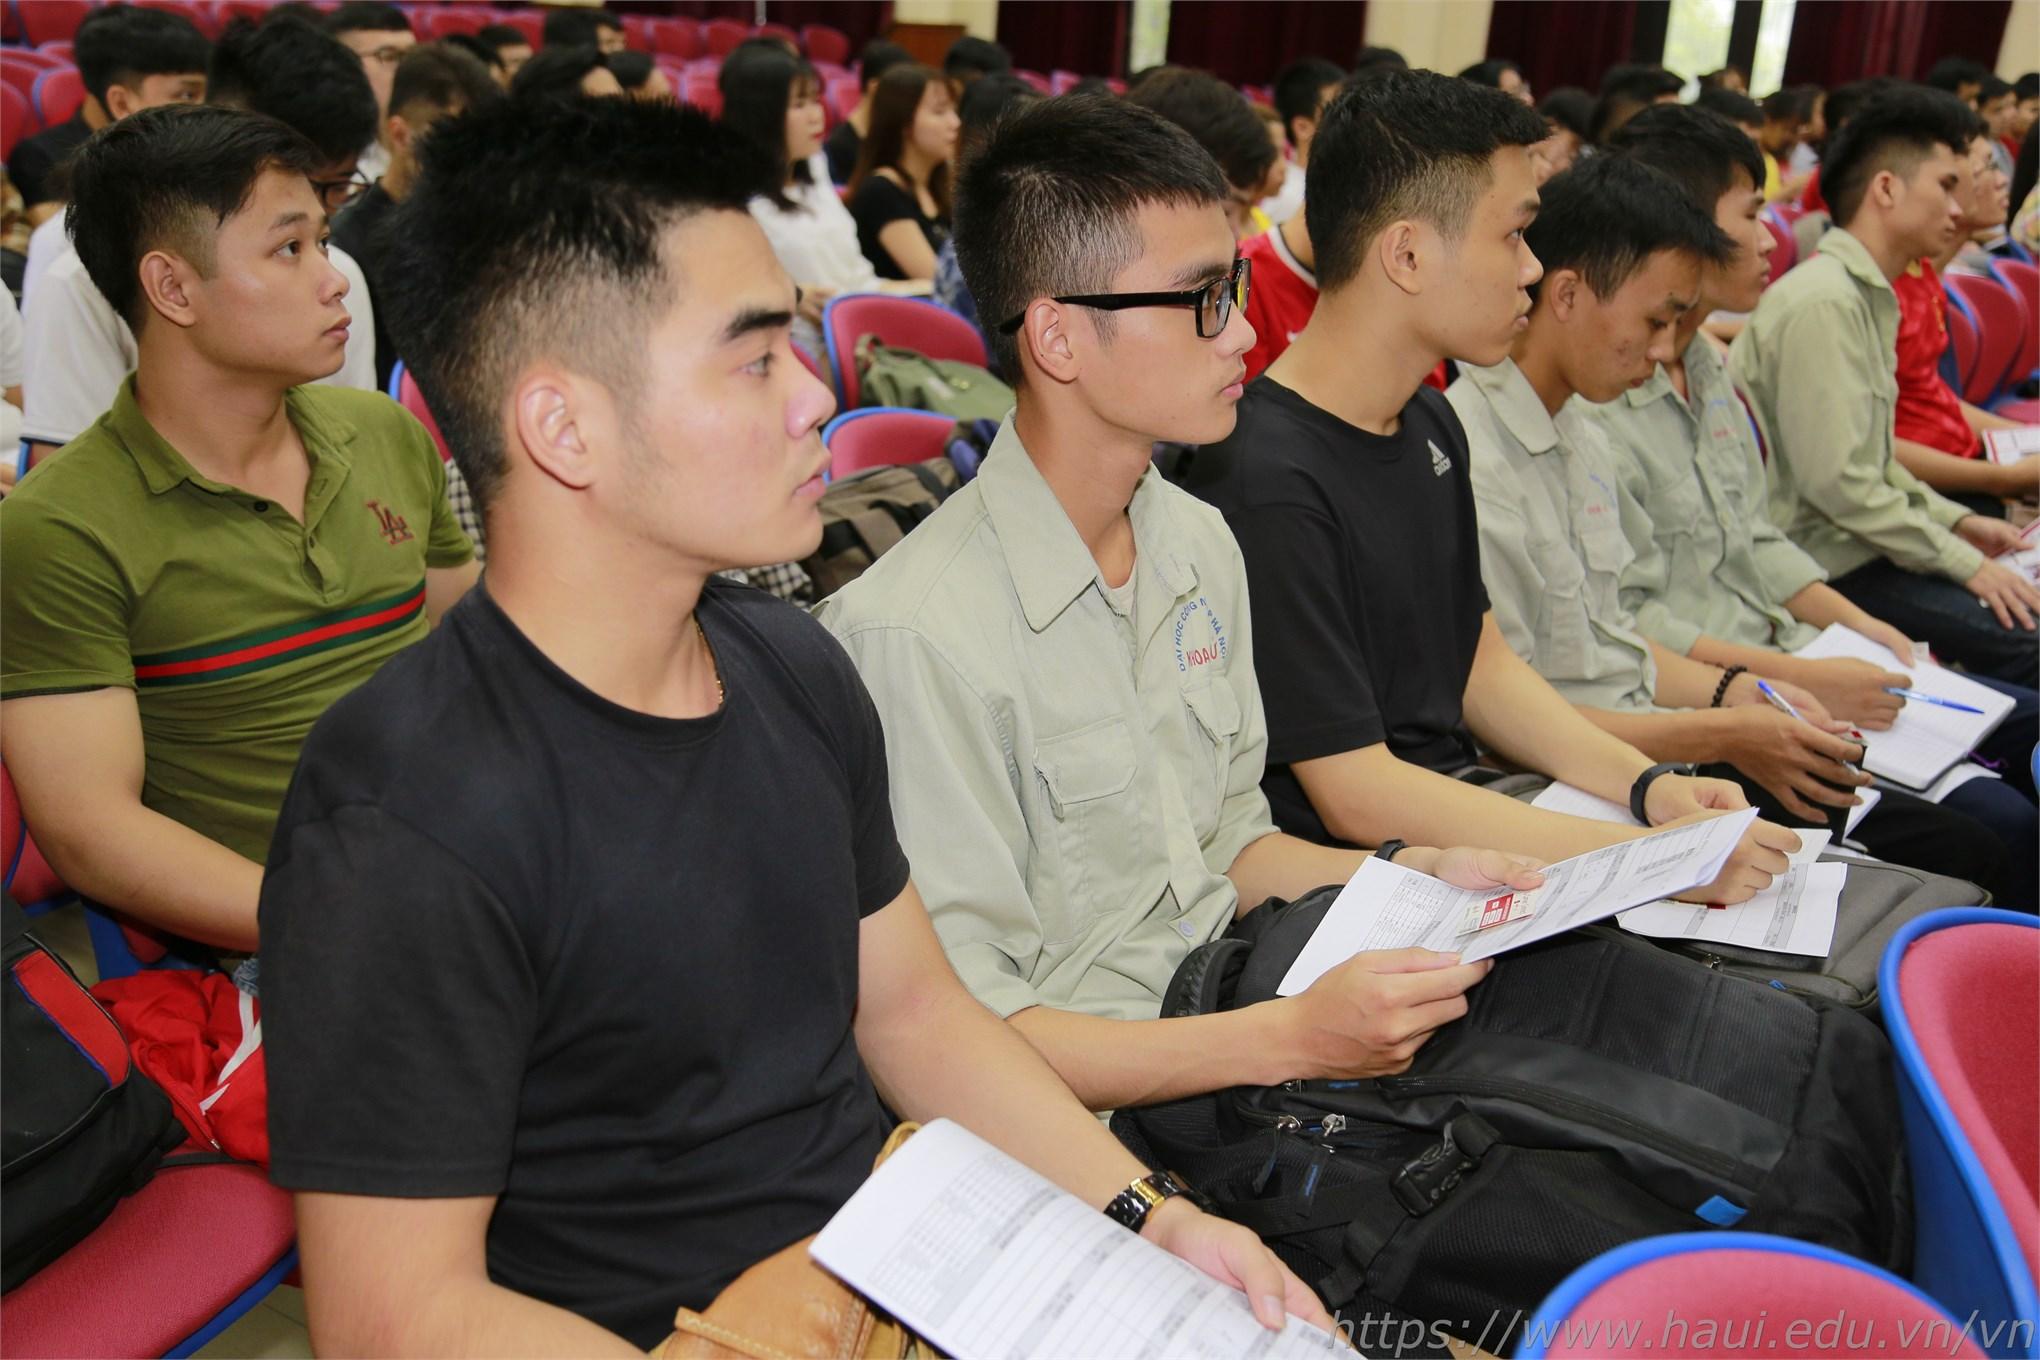 Hội thảo giúp sinh viên hệ đại học, cao đẳng trong trường có những bí kíp viết CV ấn tượng và những kinh nghiệm để buổi phỏng vấn xin việc được thành công